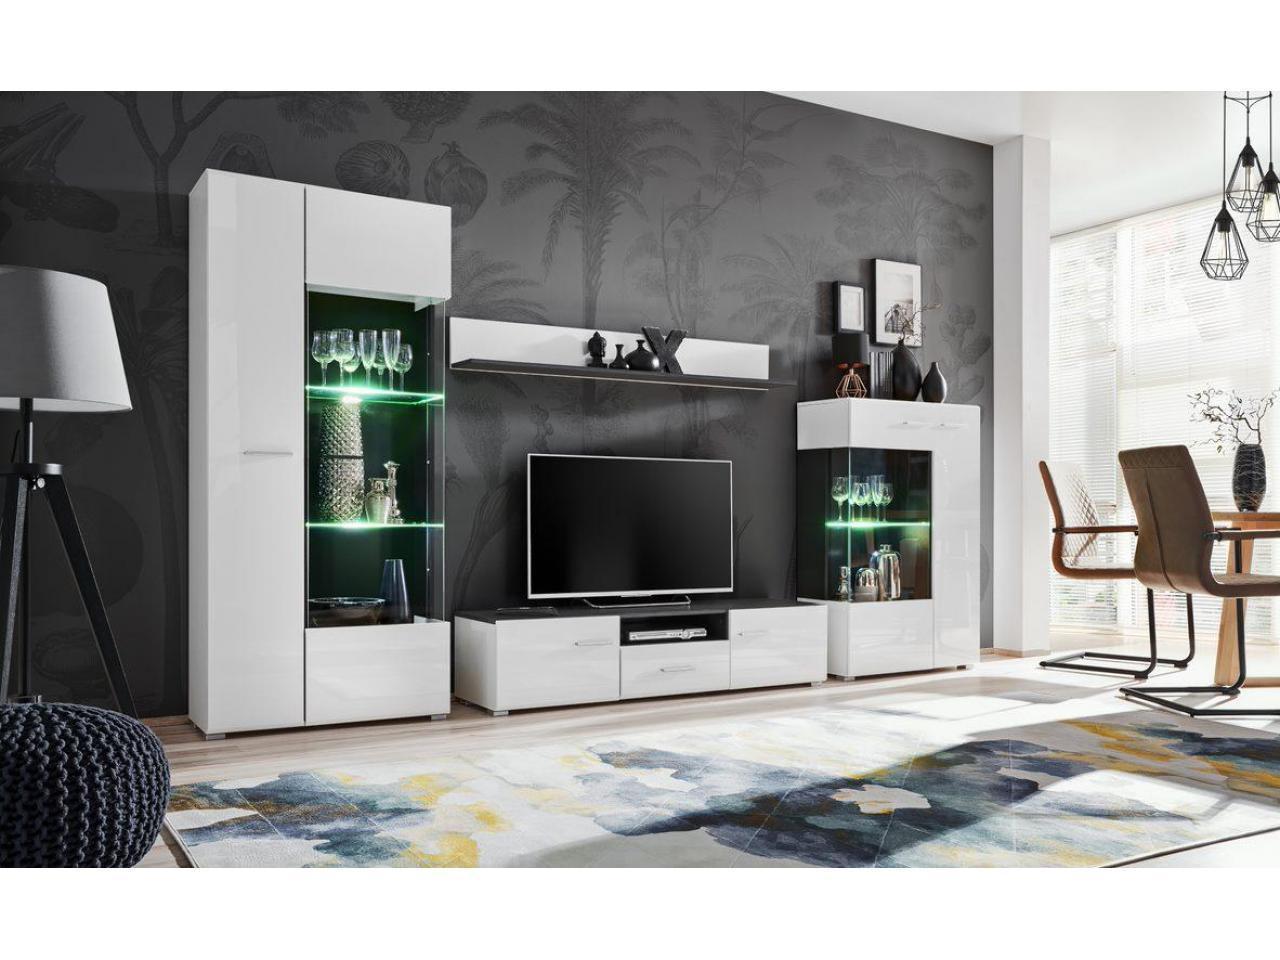 Furnipol - Польская мебель по доступным ценам - 9